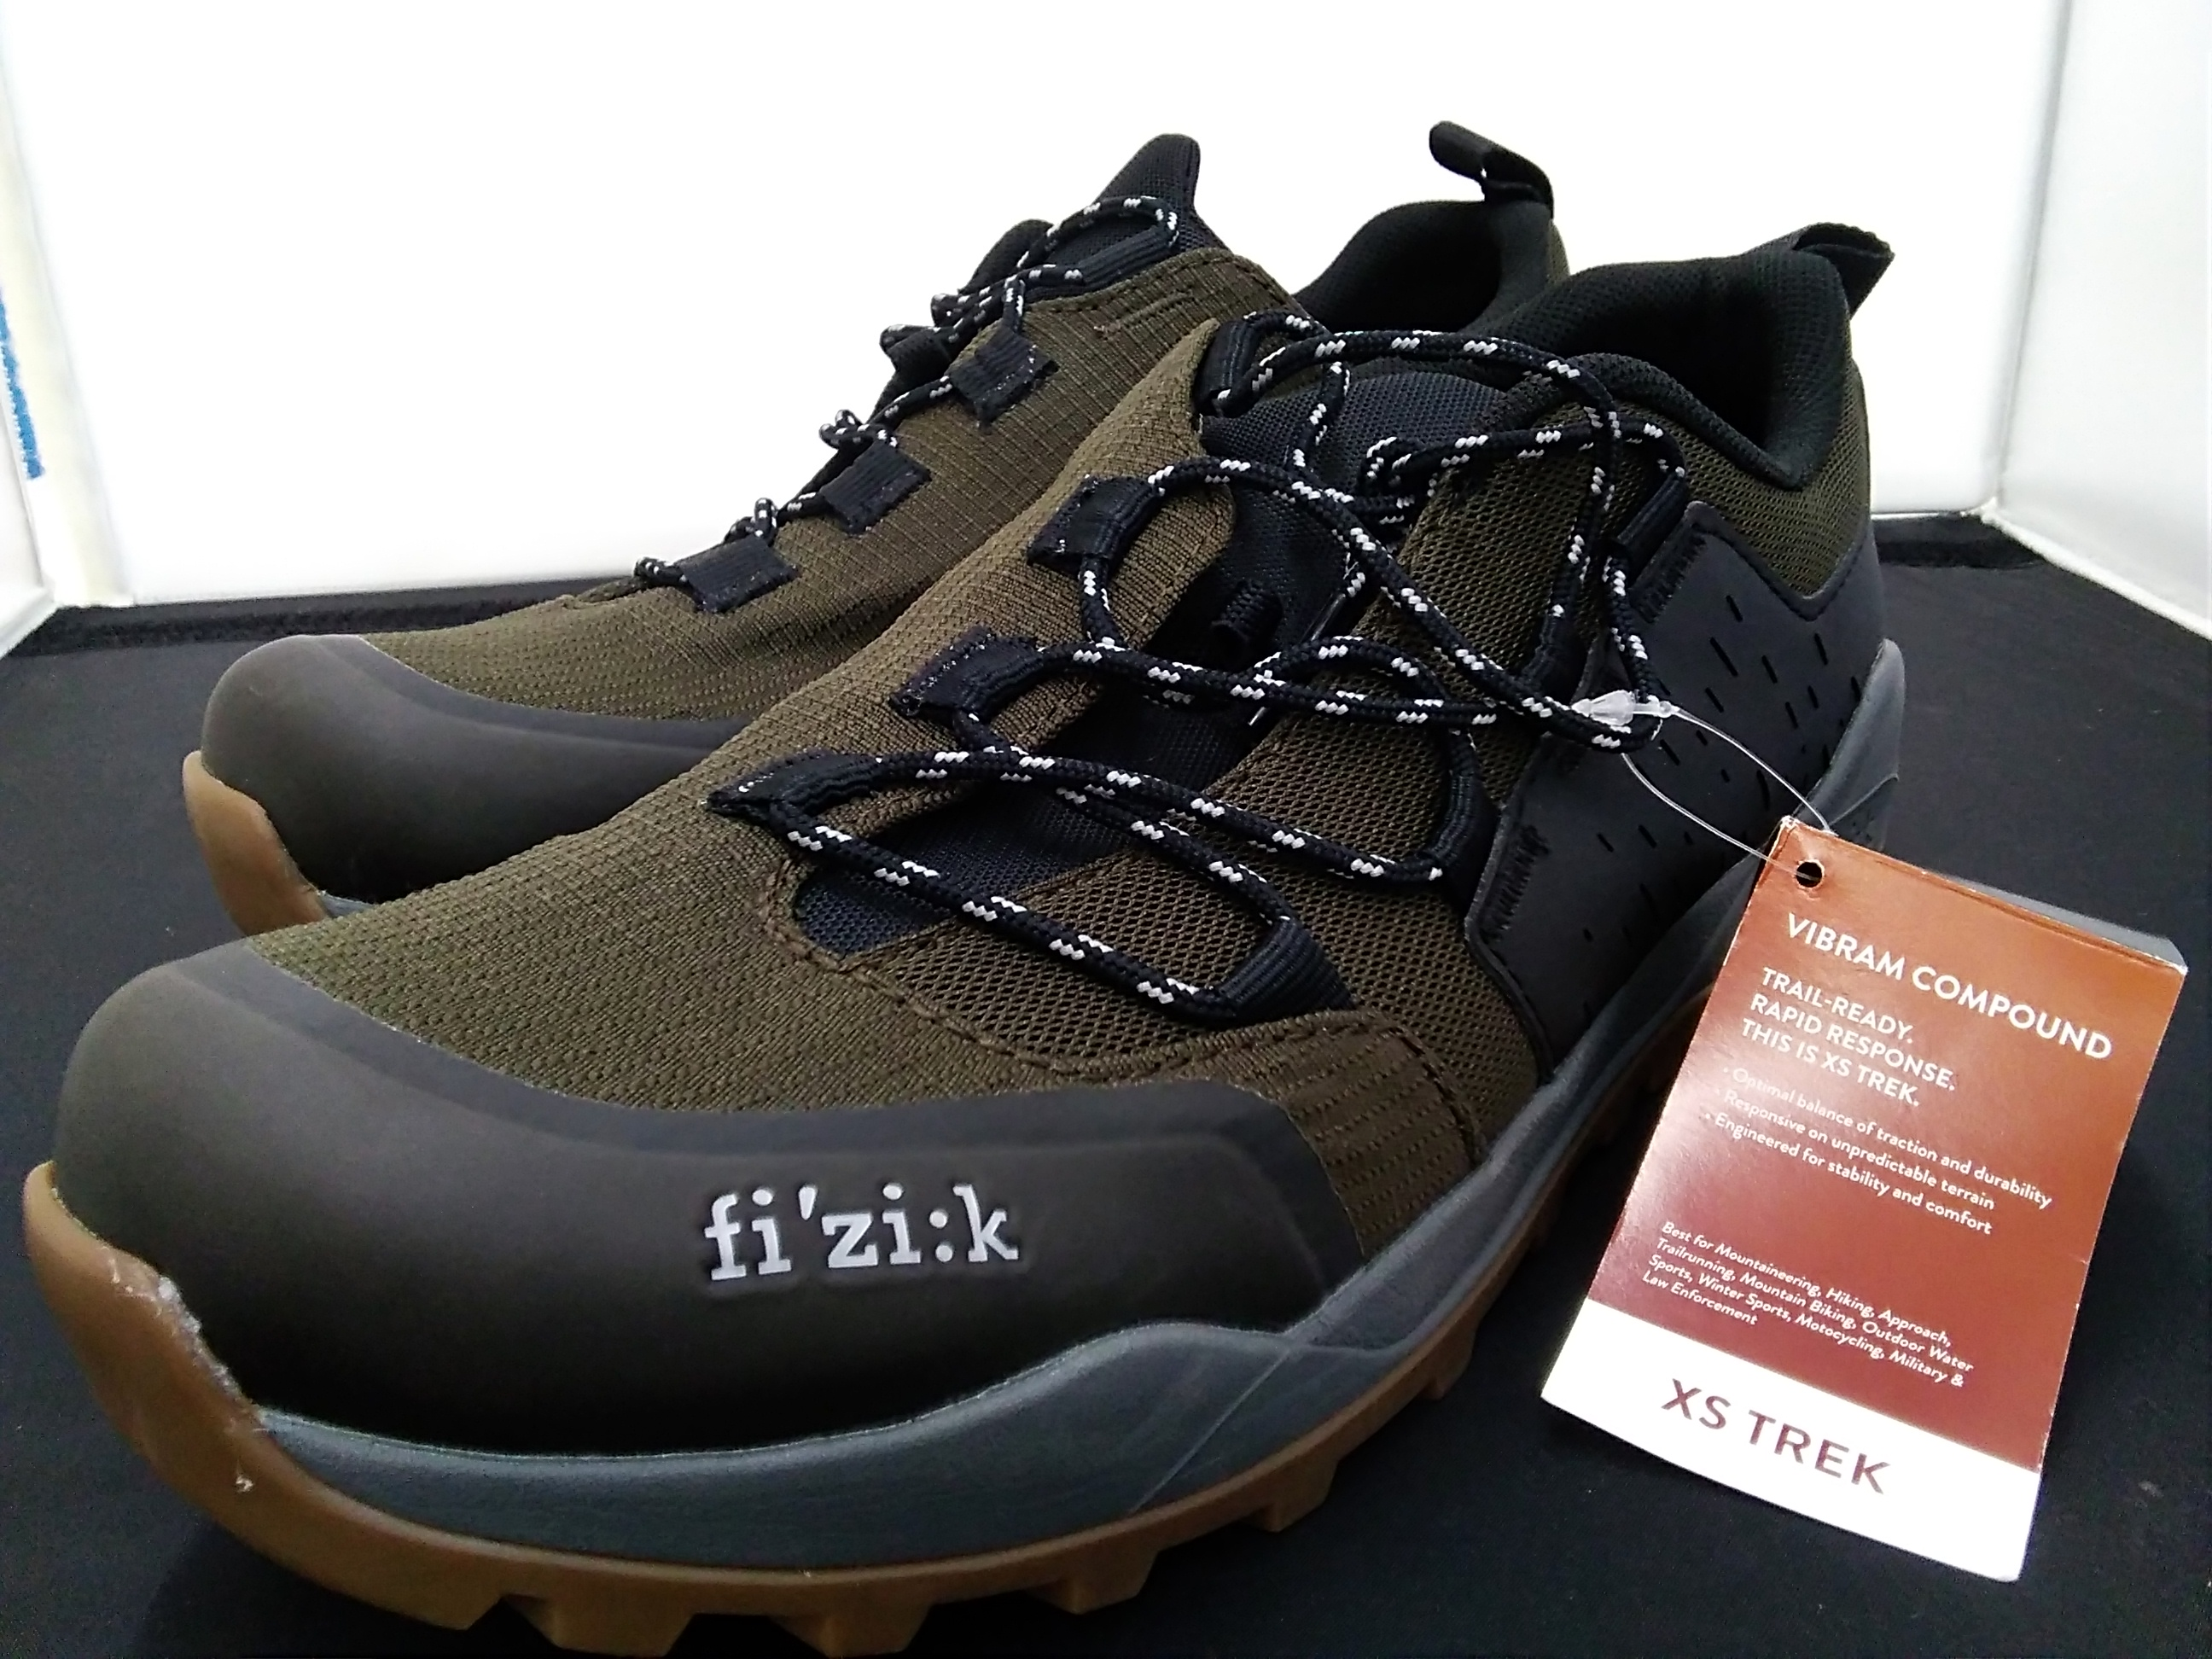 XS TREK|FIZI:K